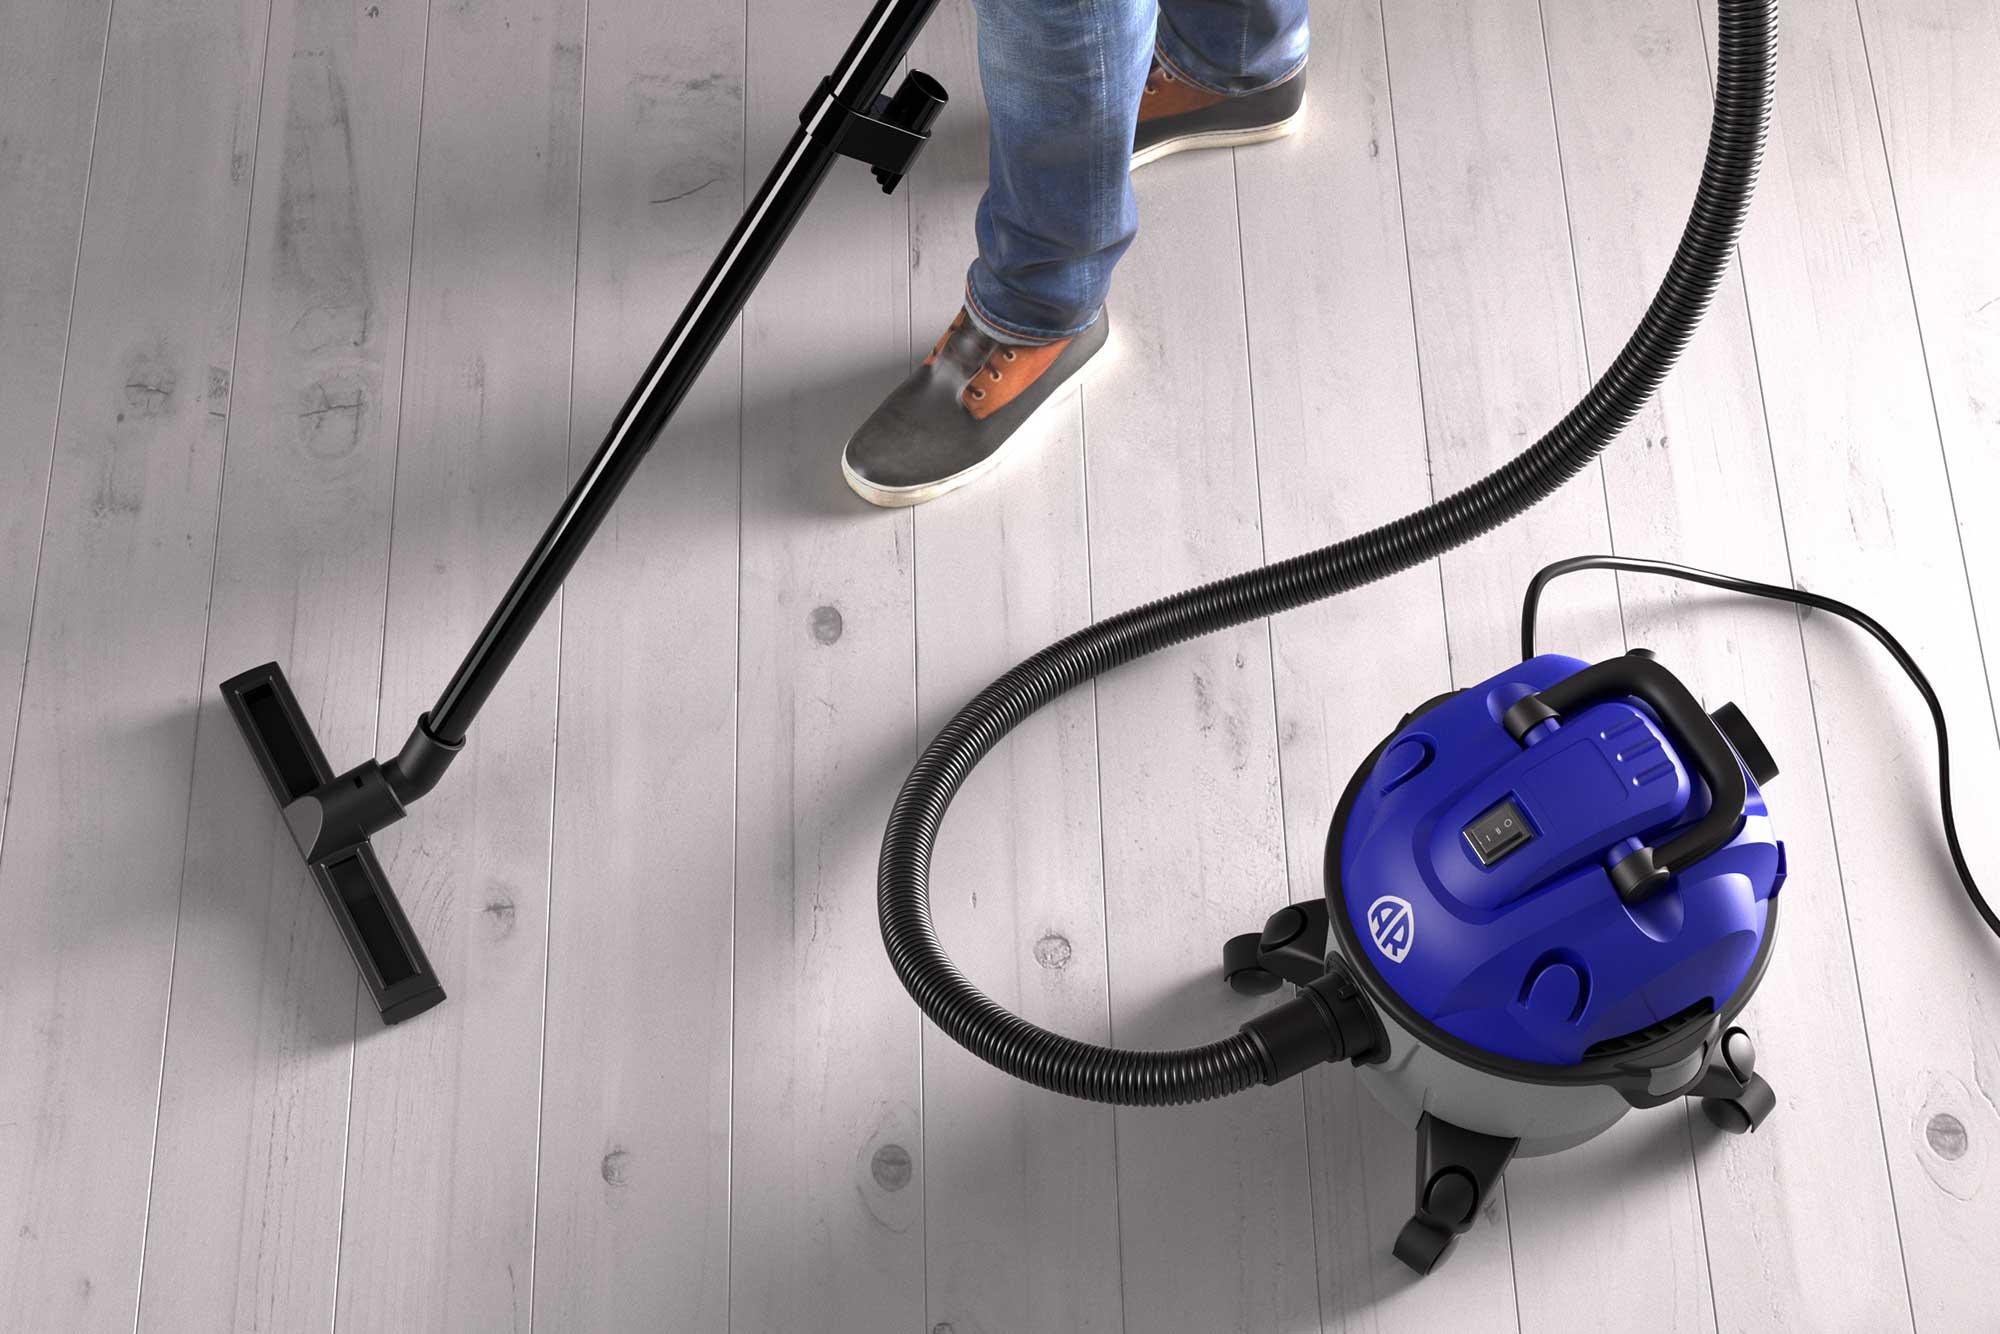 aspiratutto 3170 ar blue clean